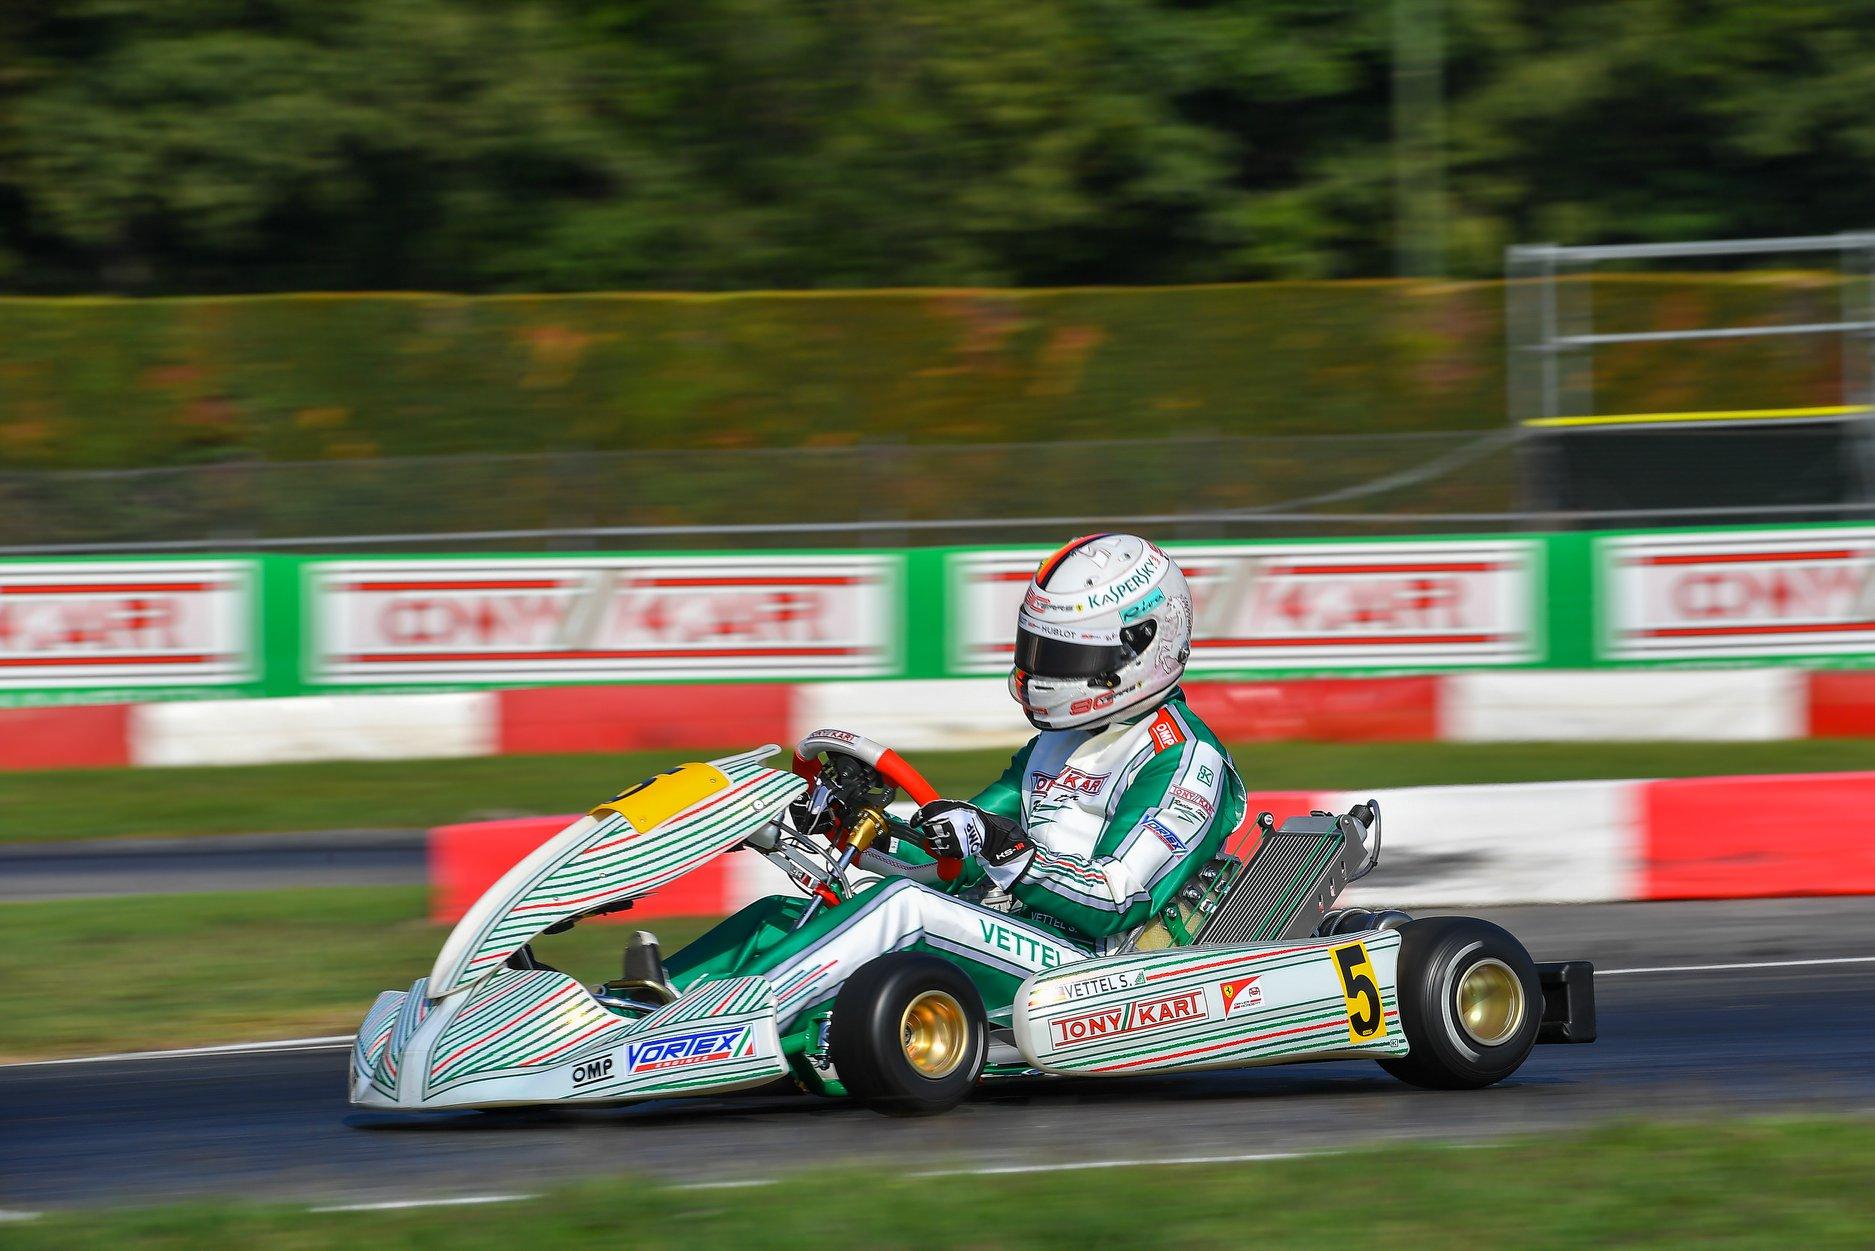 Sebastian_Vettel_testing_Tony_Kart_0002